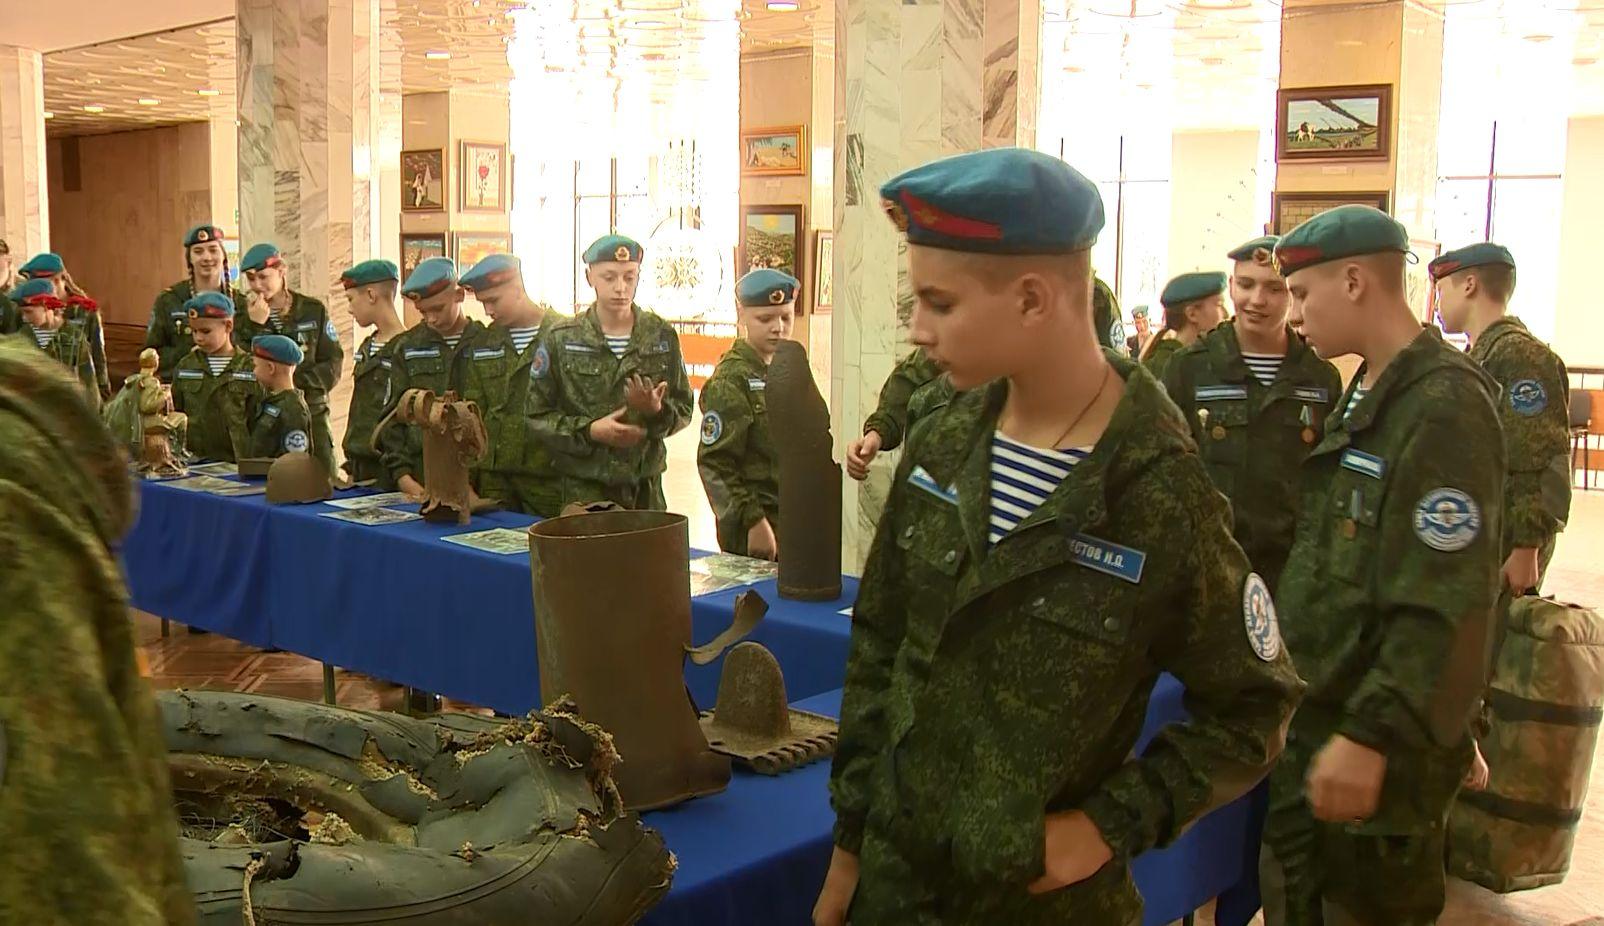 Ярославский клуб военно-патриотического воспитания «Десантник» отметил 20-летний юбилей